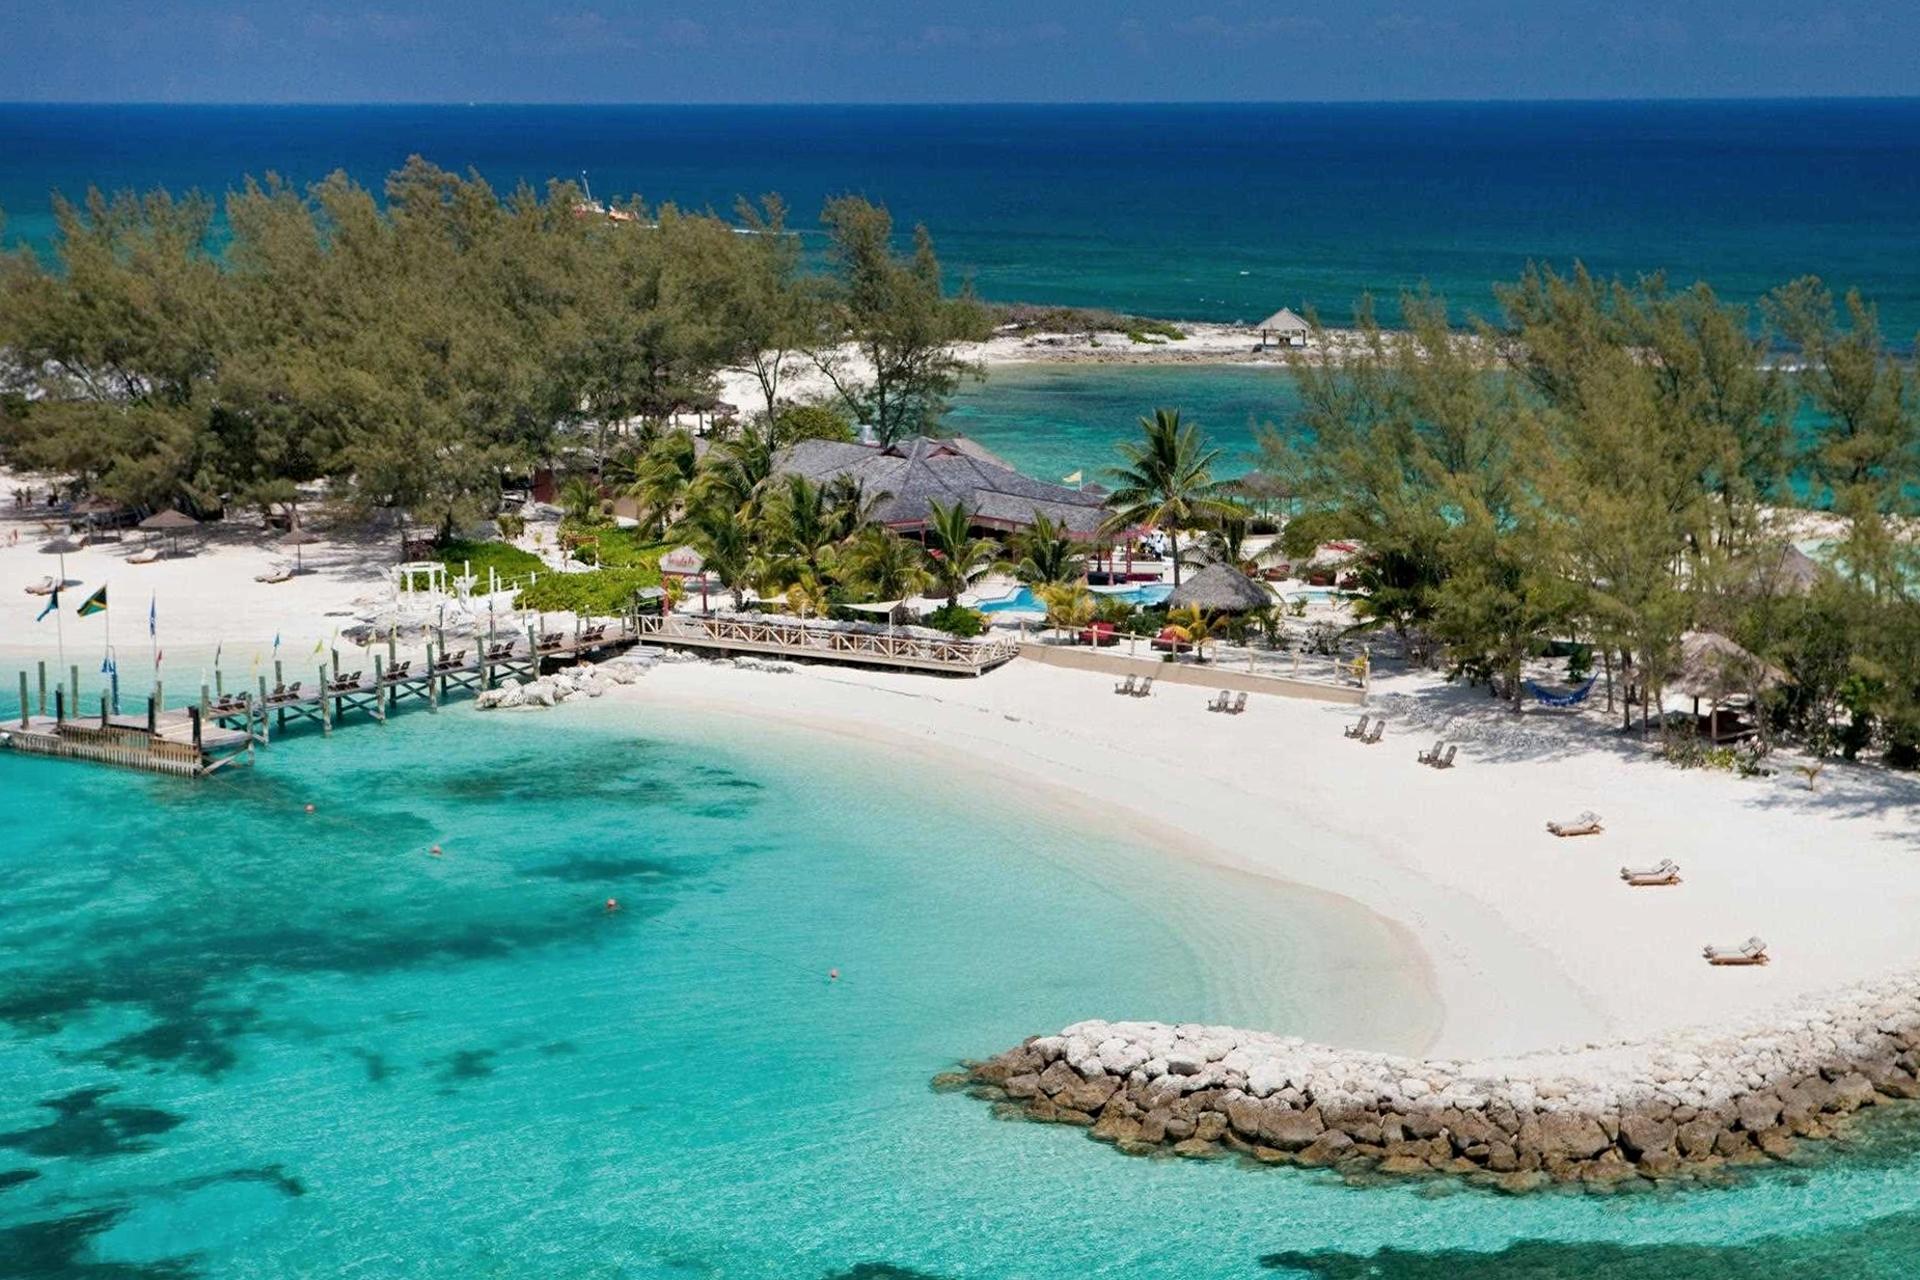 Ocean Cay MSC Marine Reserve: O novo e exclusivo itinerário da MSC Cruzeiros